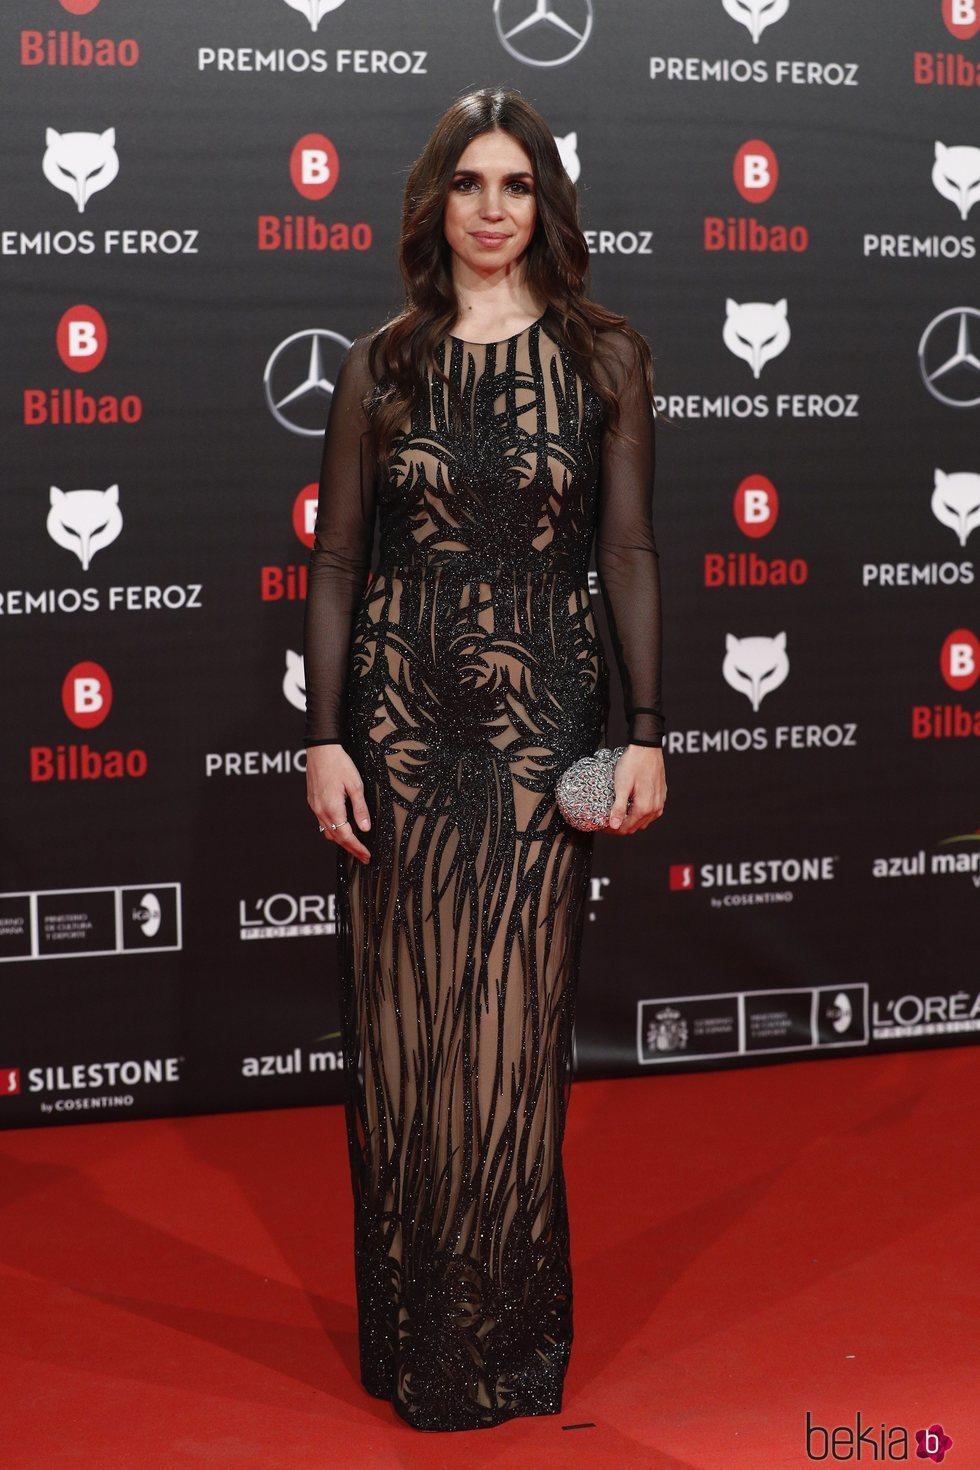 Elena Furiase en los Premios Feroz 2019